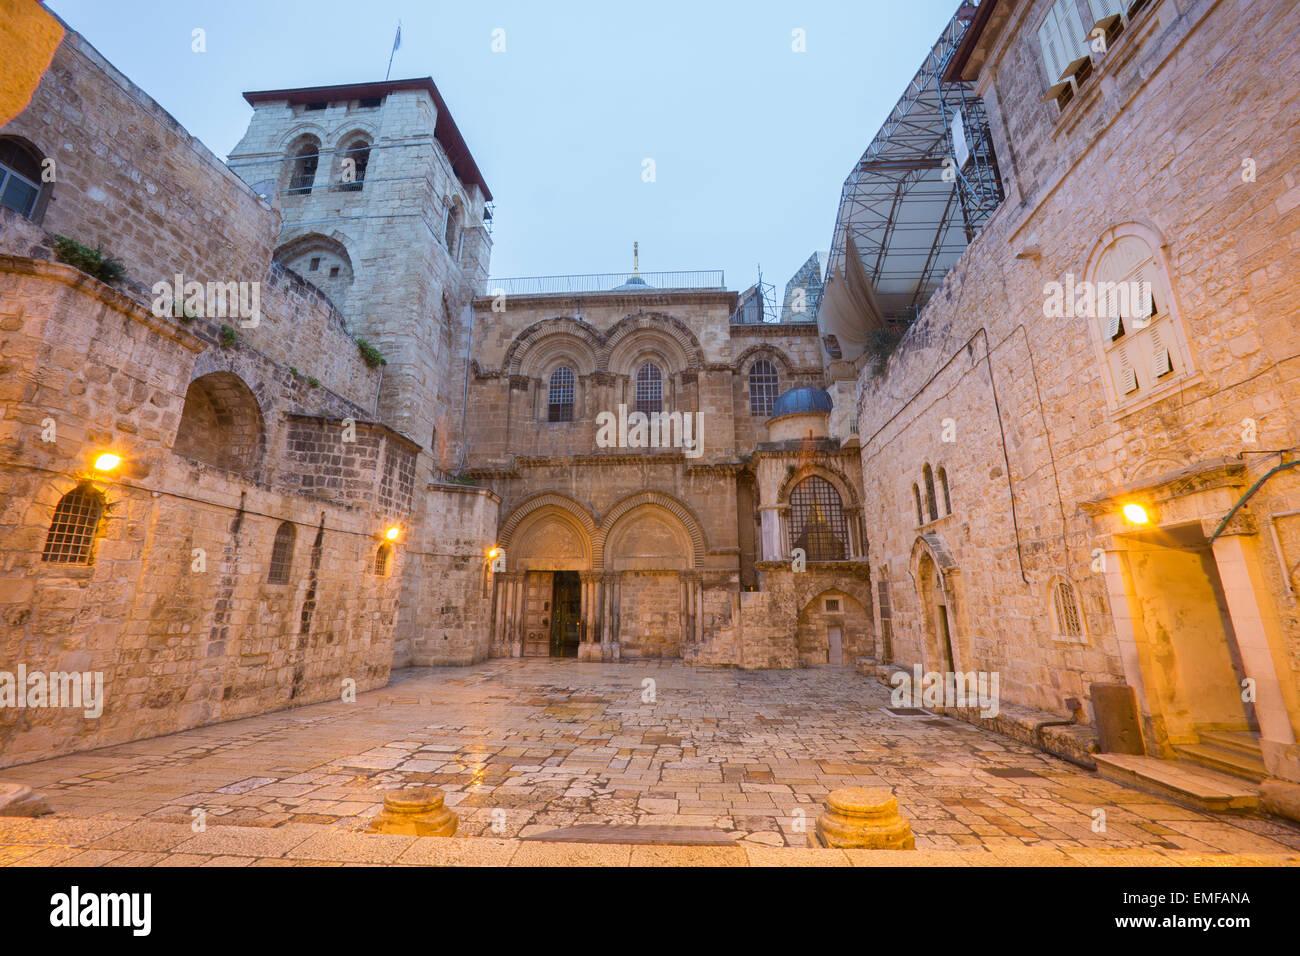 Jerusalén - La Iglesia del Santo Sepulcro al atardecer Imagen De Stock